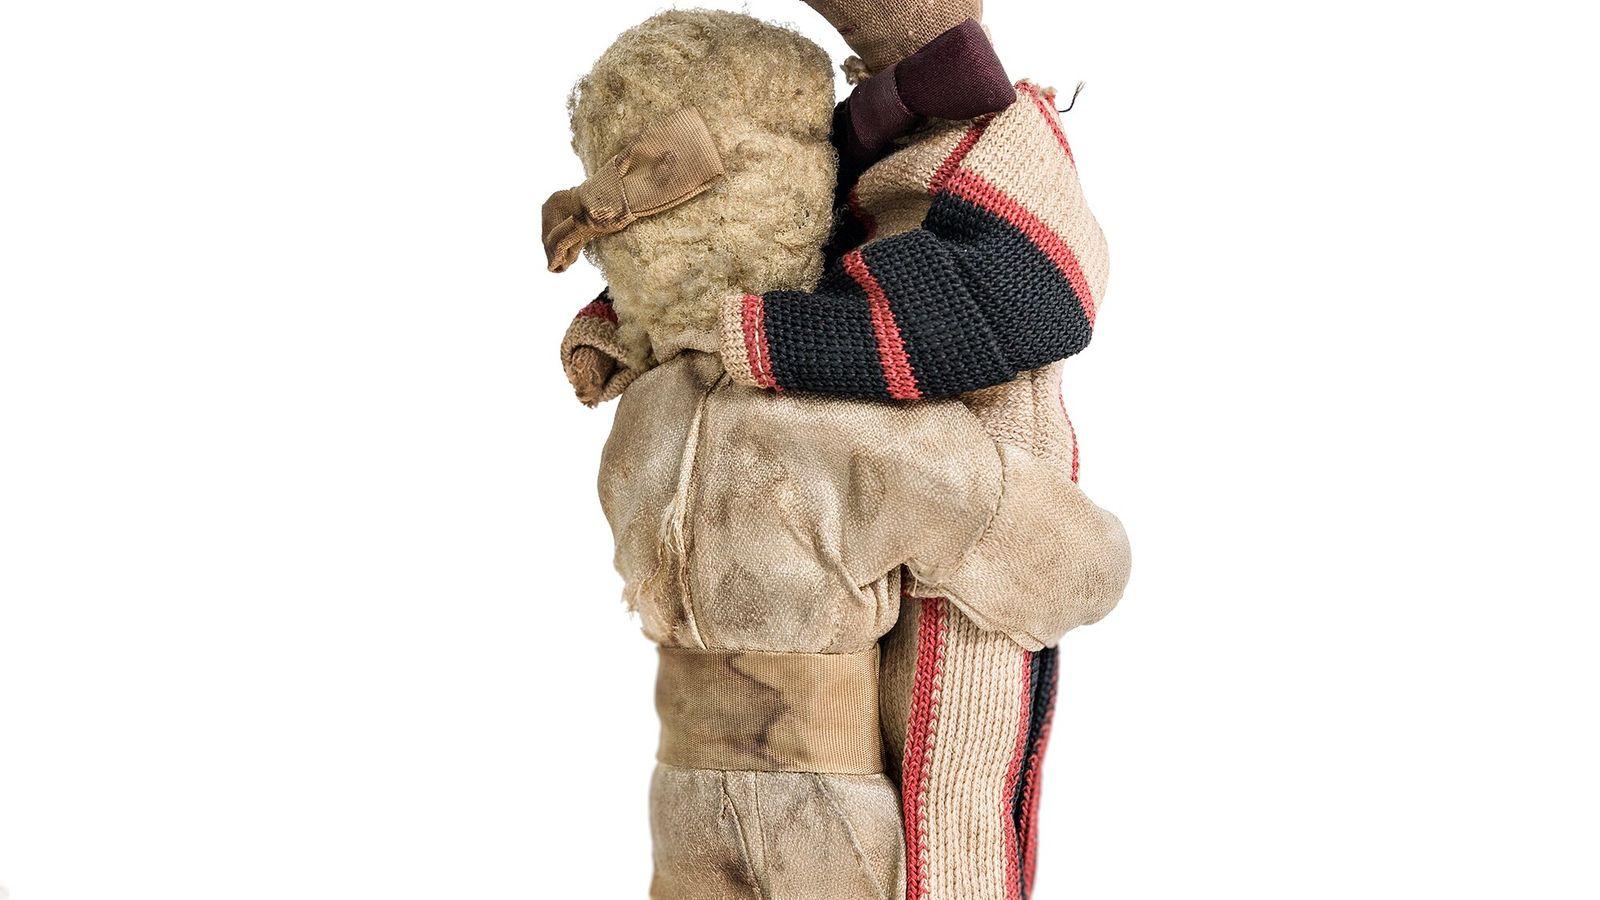 Imagem de um casal abraçado e amarrado nas pernas. Não se sabe ao certo, mas a ...